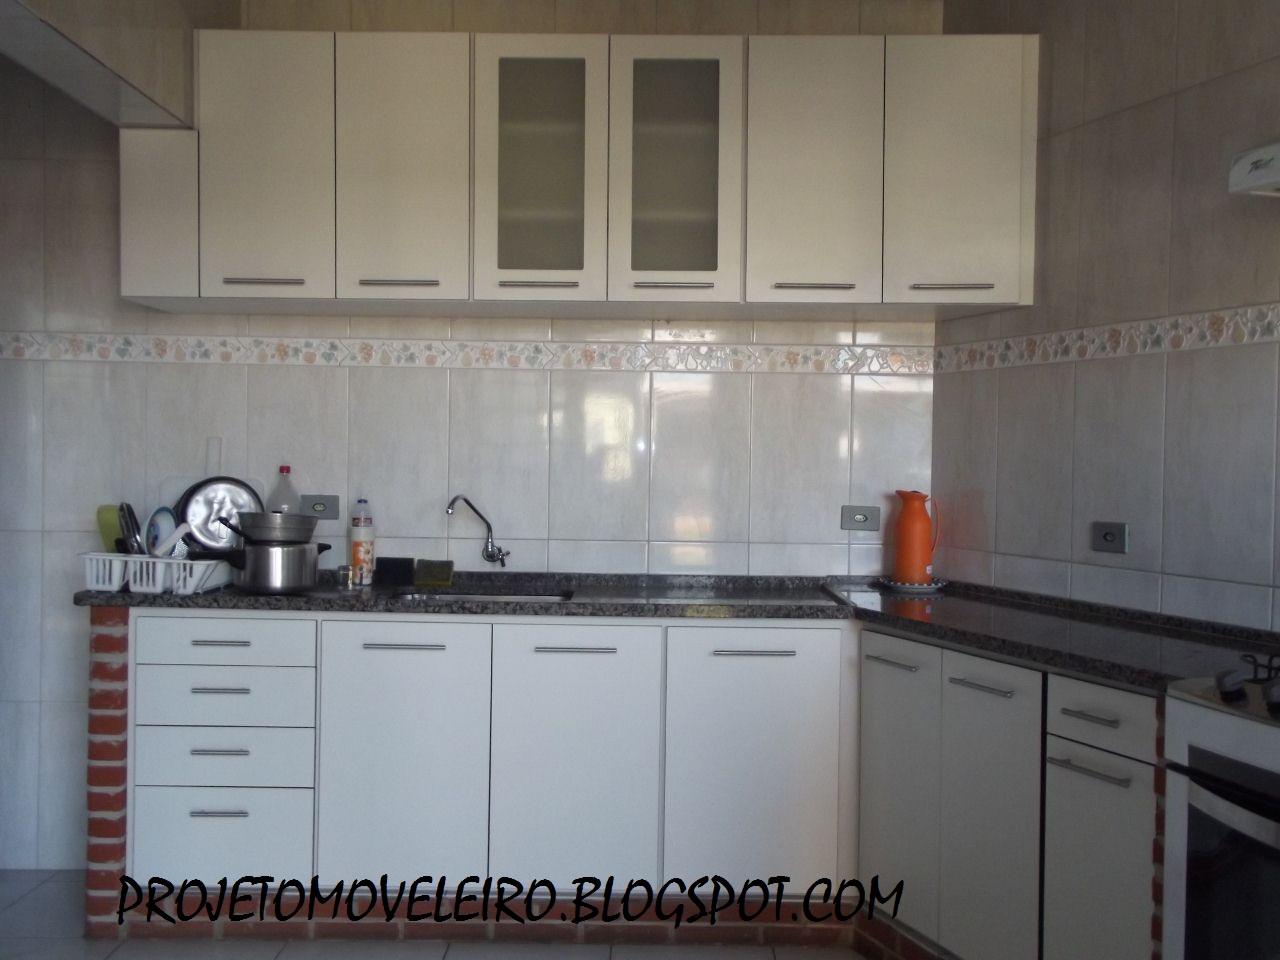 PROJETOS EM MADEIRA MACIÇA E MOVEIS SOB MEDIDA: Cozinha Branca com  #5C4E43 1280x960